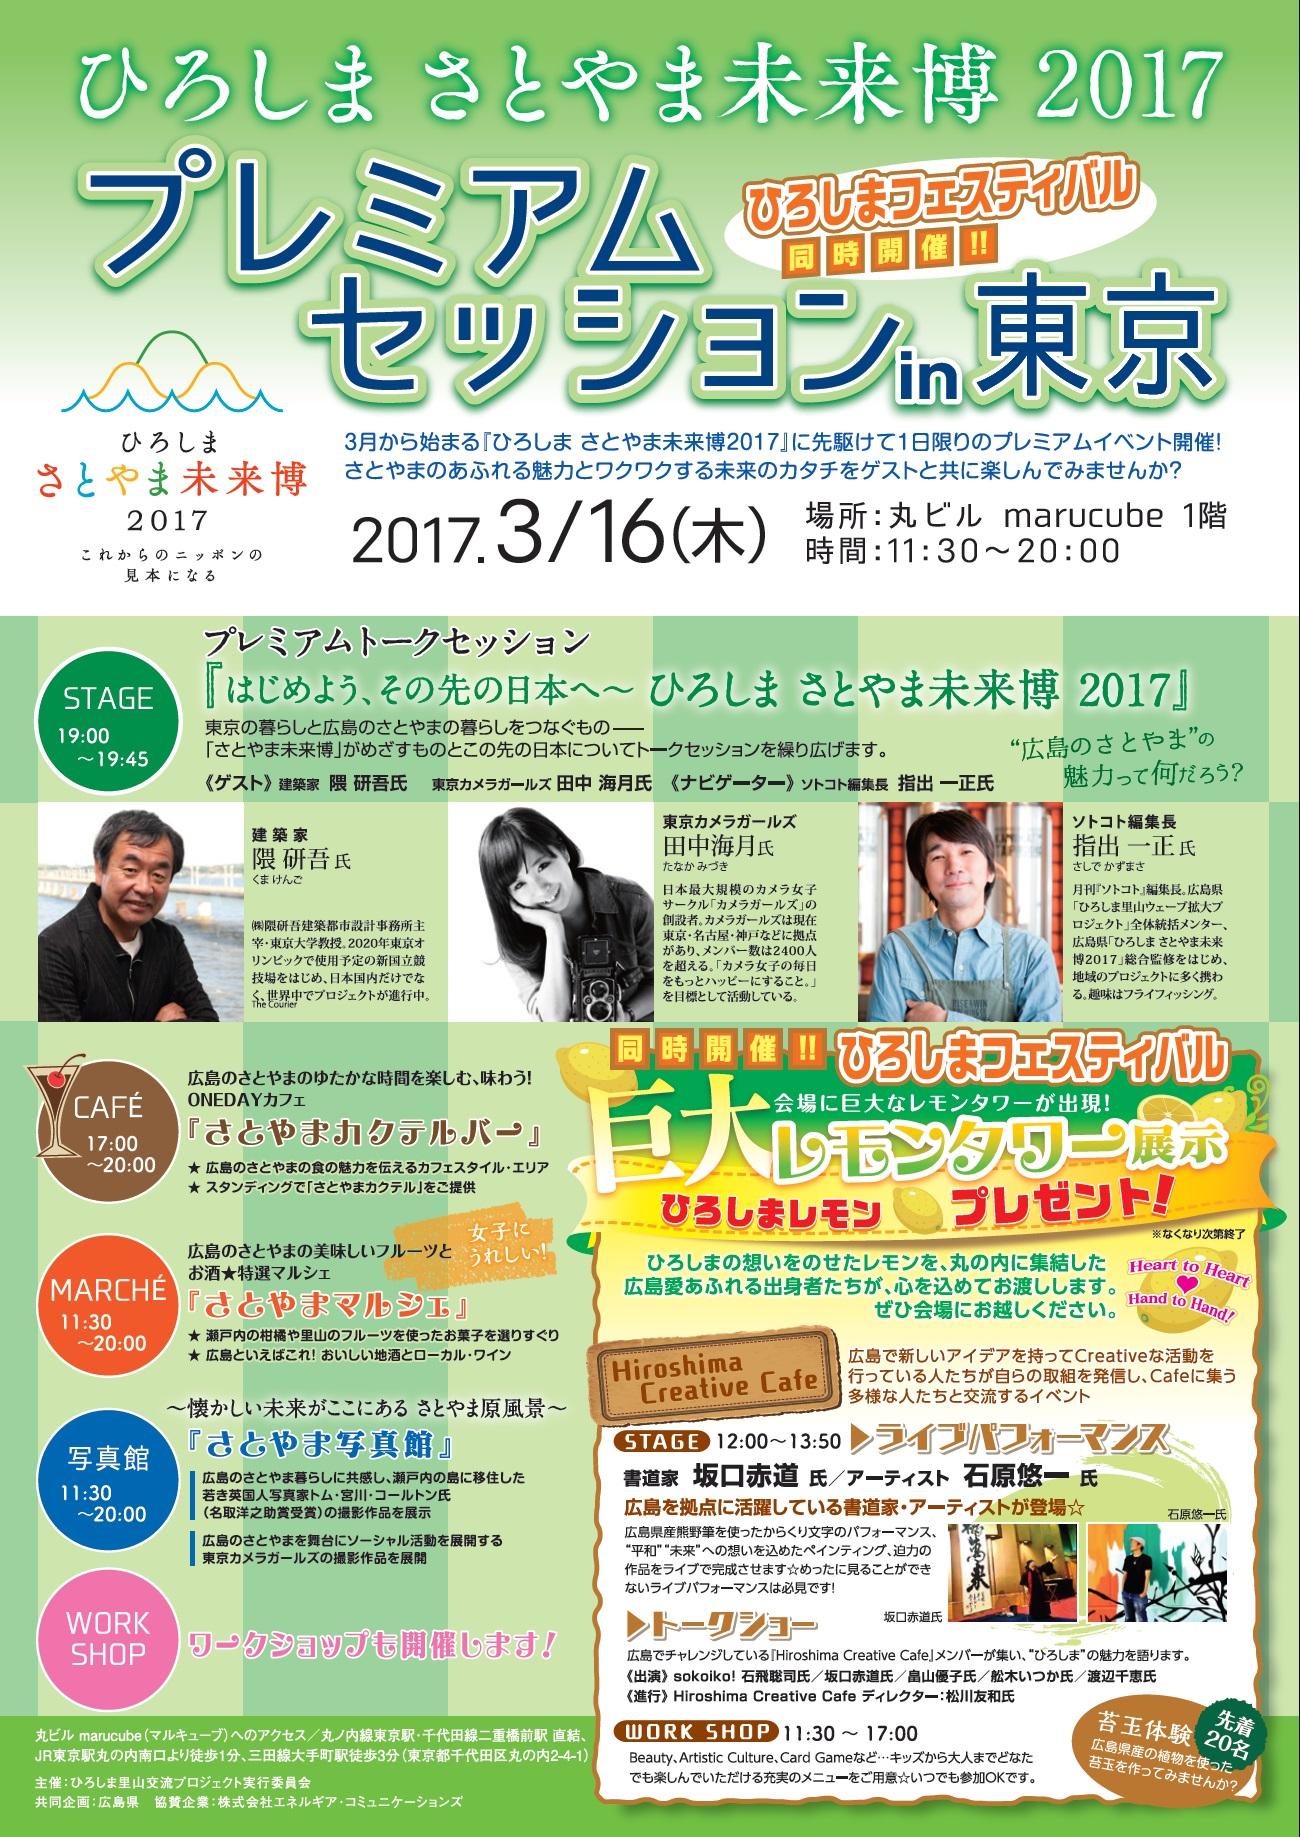 丸ビルマルキューブで「ひろしま さとやま未来博2017 プレミアムセッションin東京」が開催され、TAUも出店します。